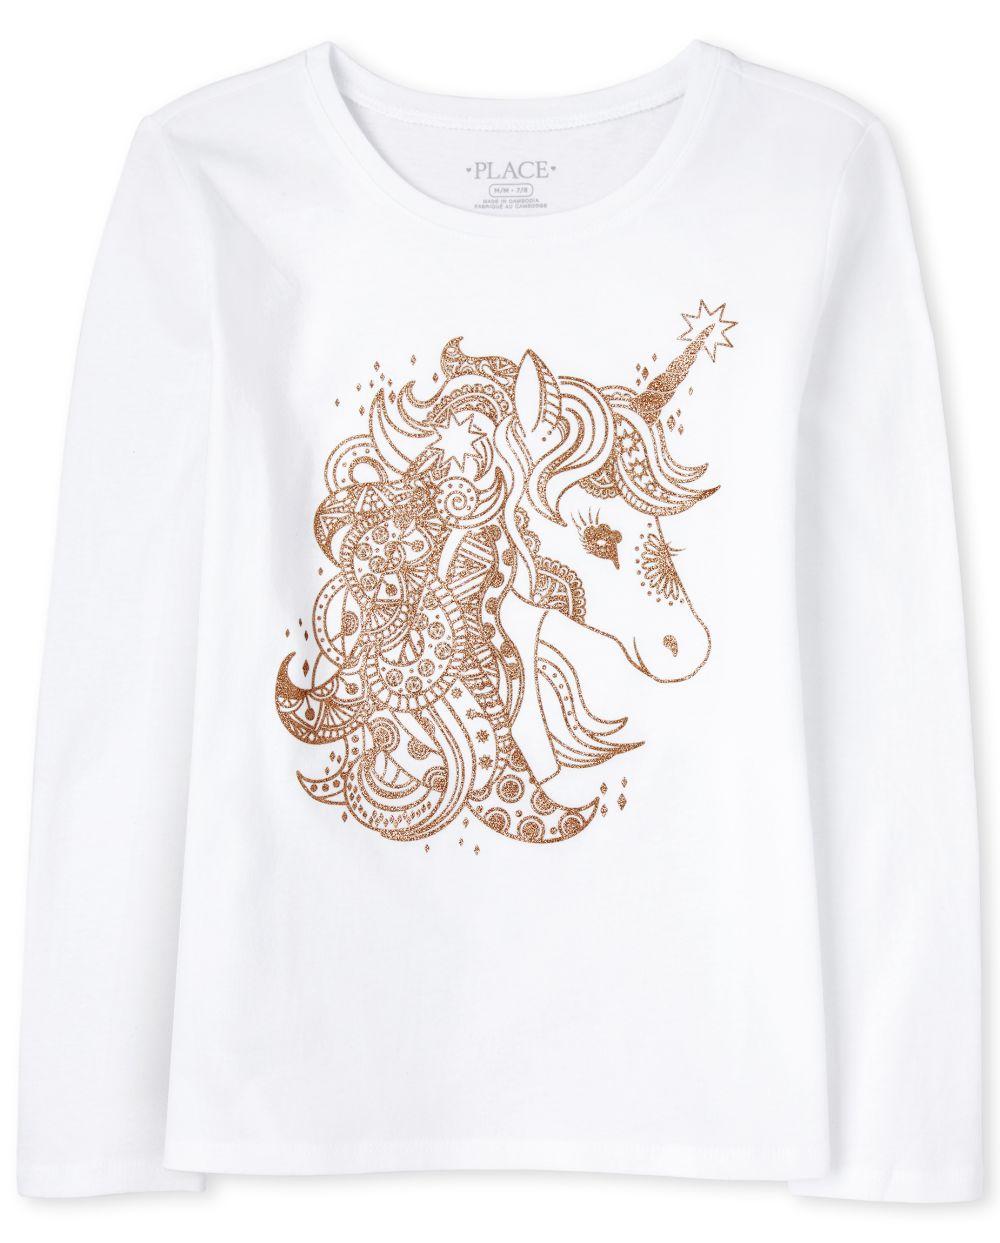 Unicorn Graphic Tee - White T-Shirt